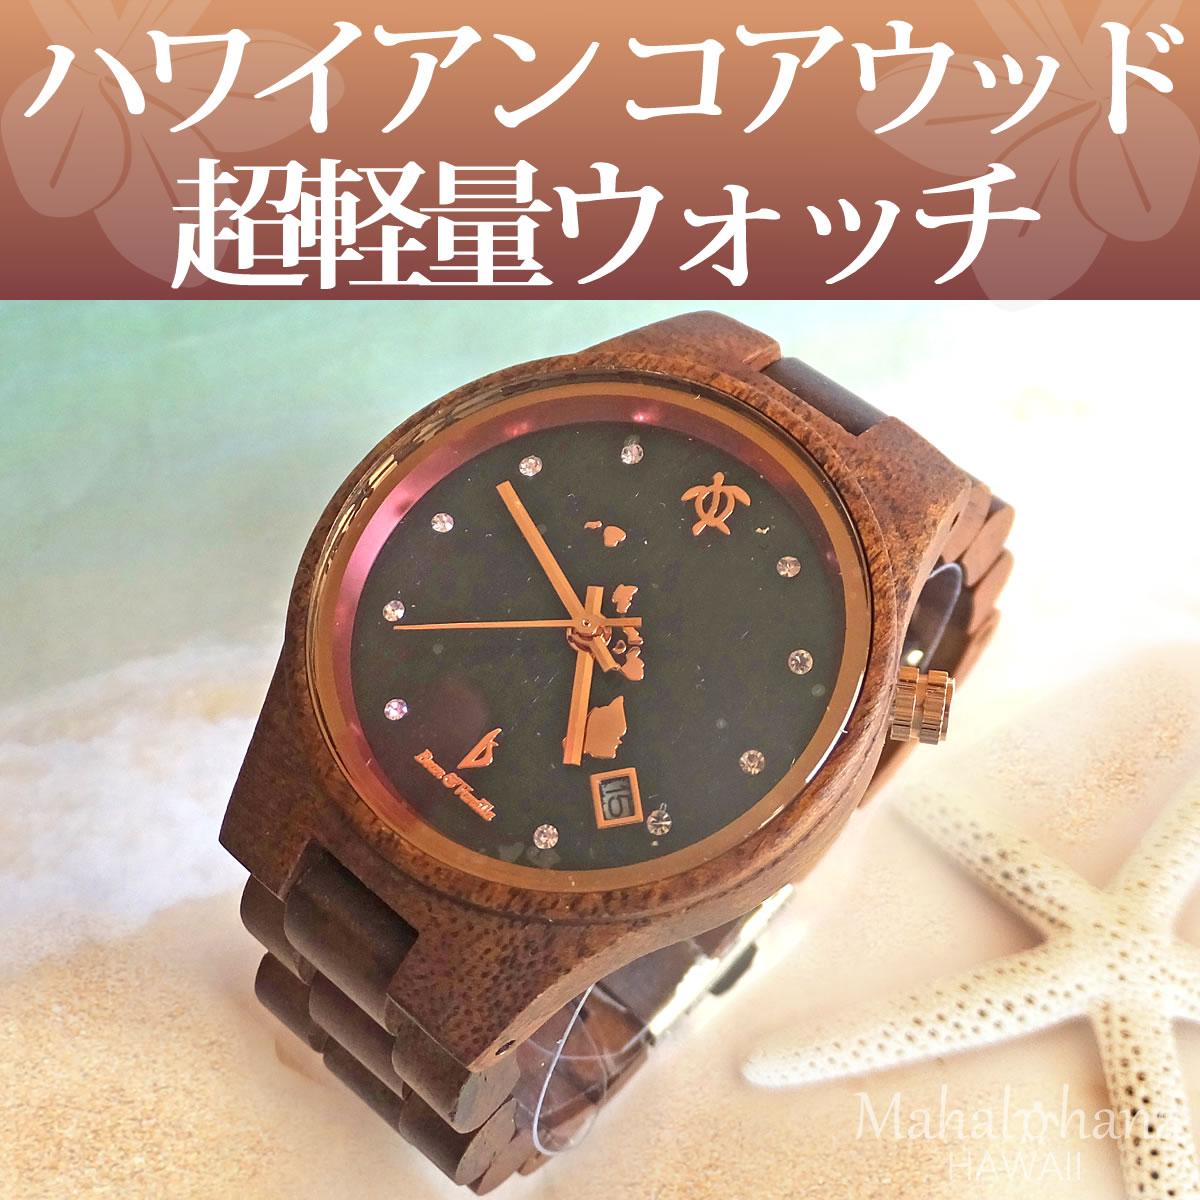 コアウッドの腕時計YLSP482-4